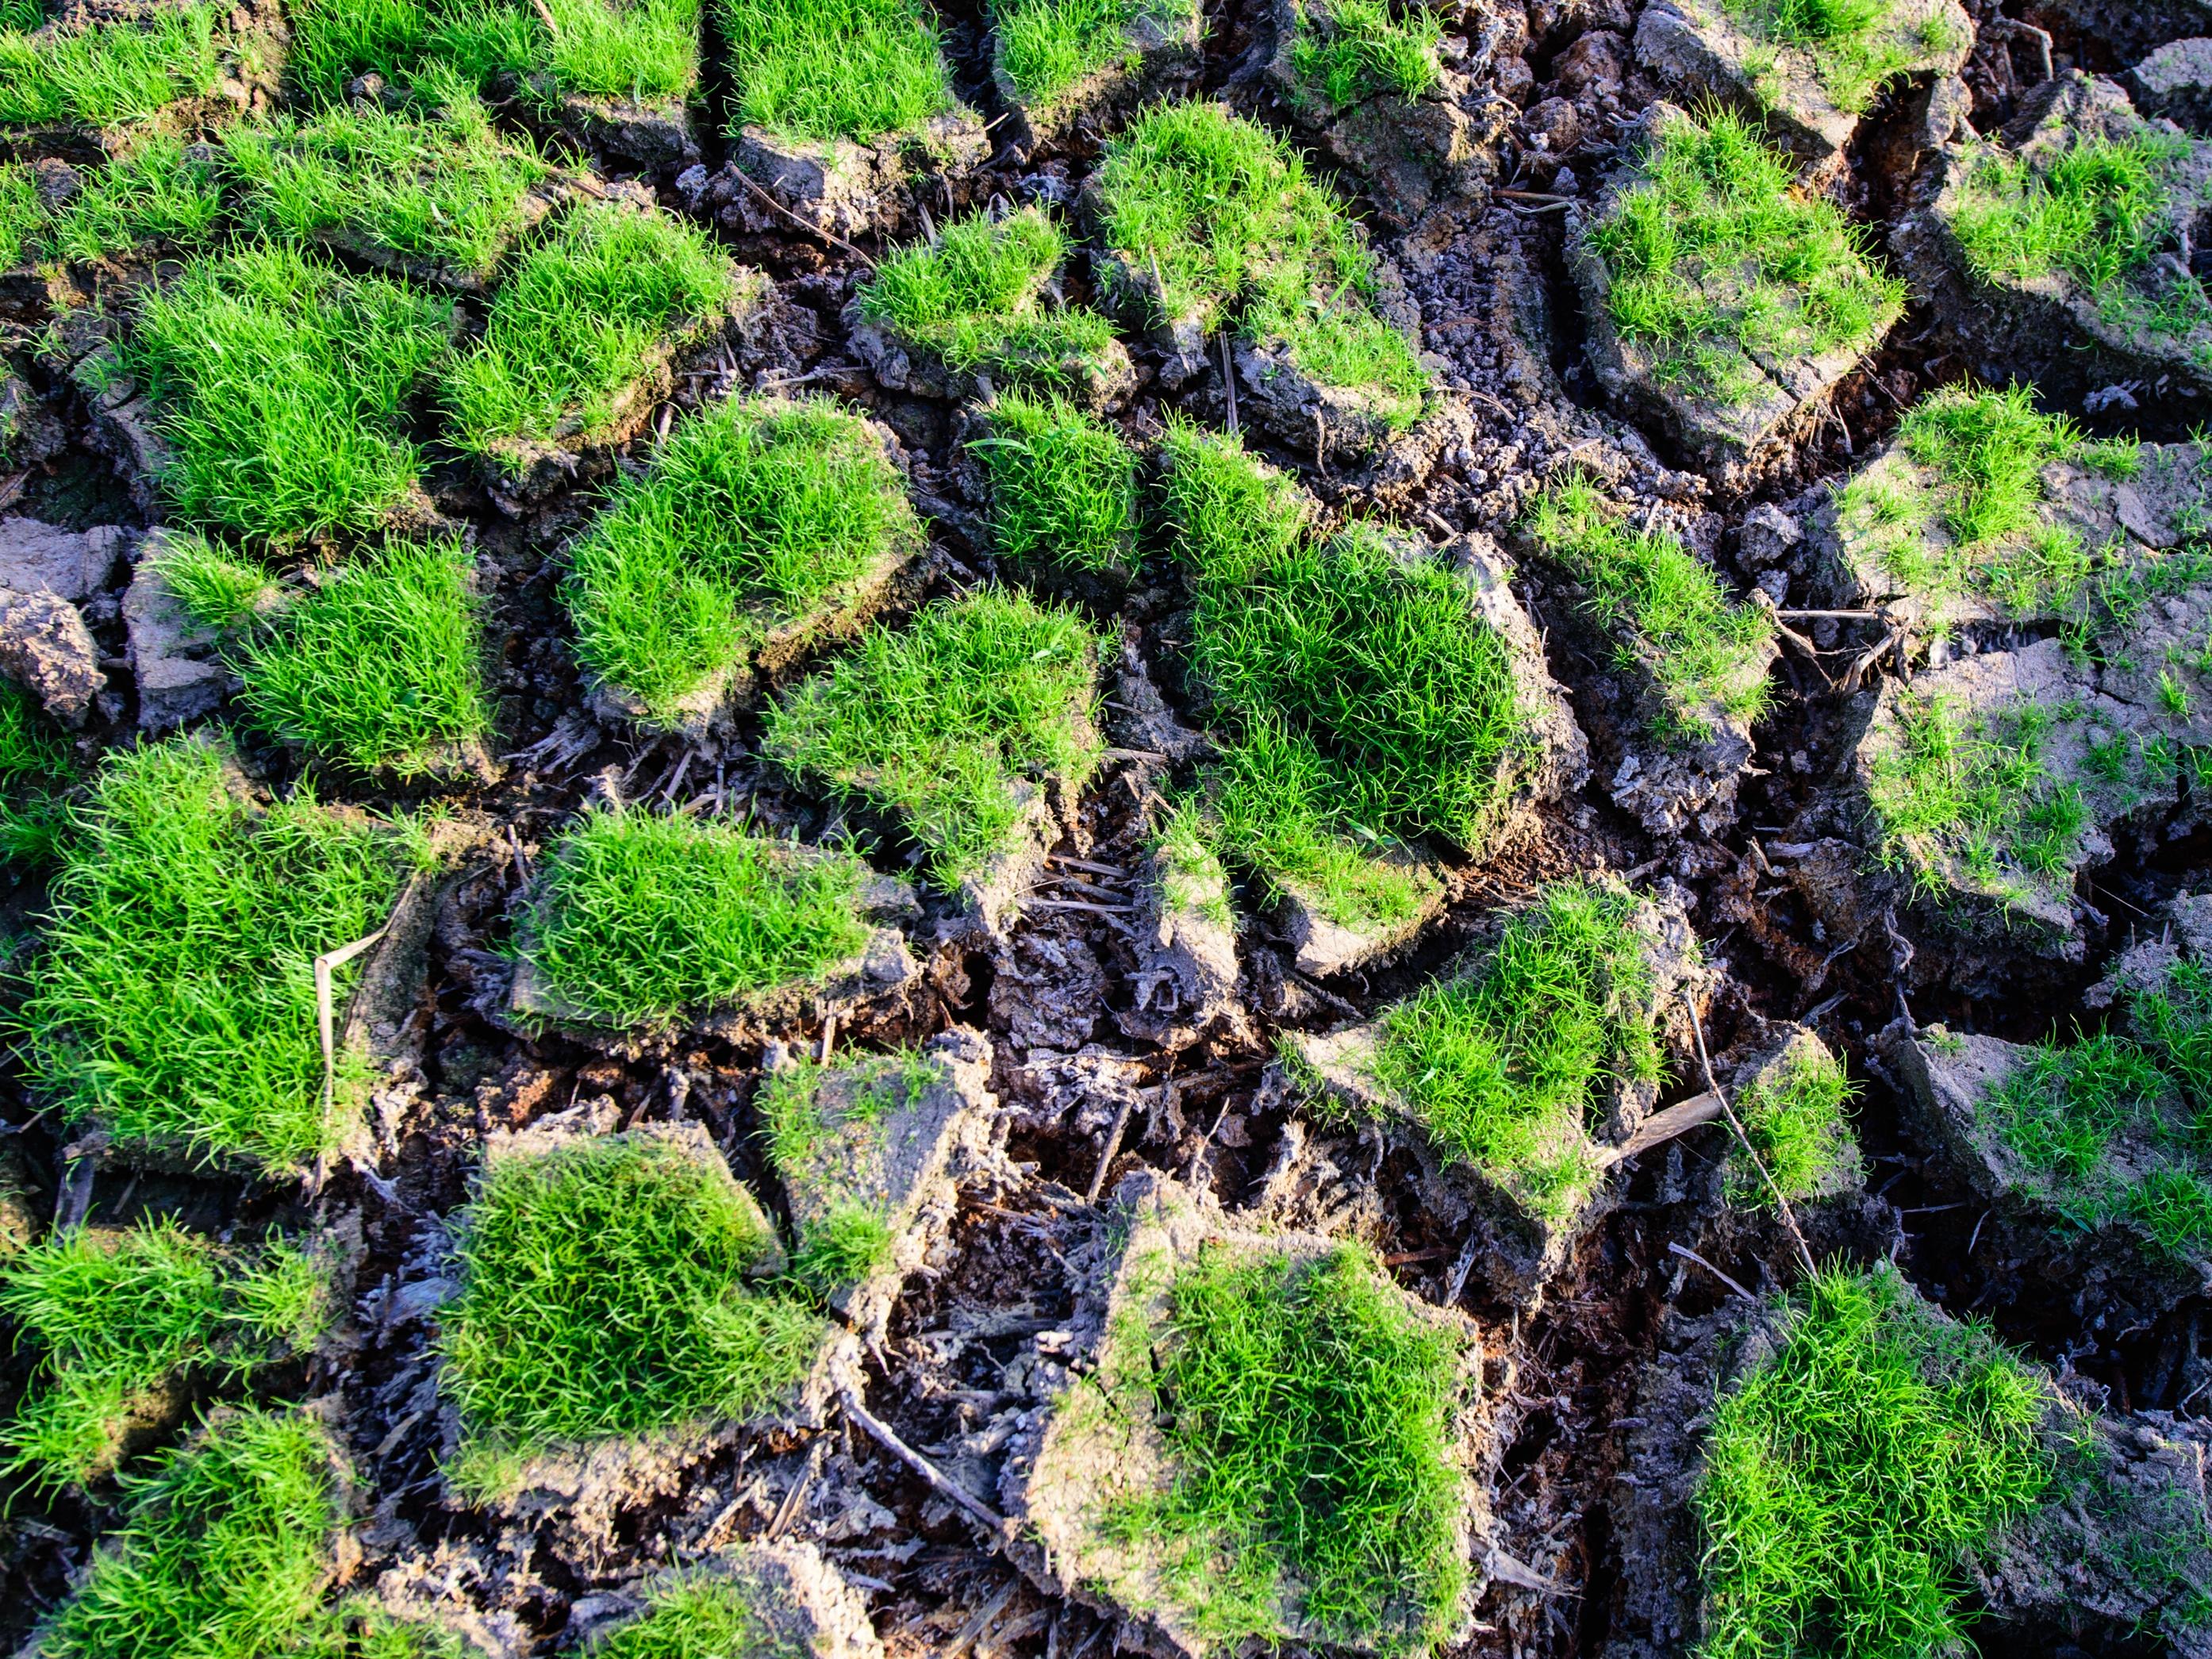 Změna klimatu v Evropě zavinila od r. 1980 škody za 400 mld. eur. Sněmovna dnes projedná ratifikaci Pařížské dohody